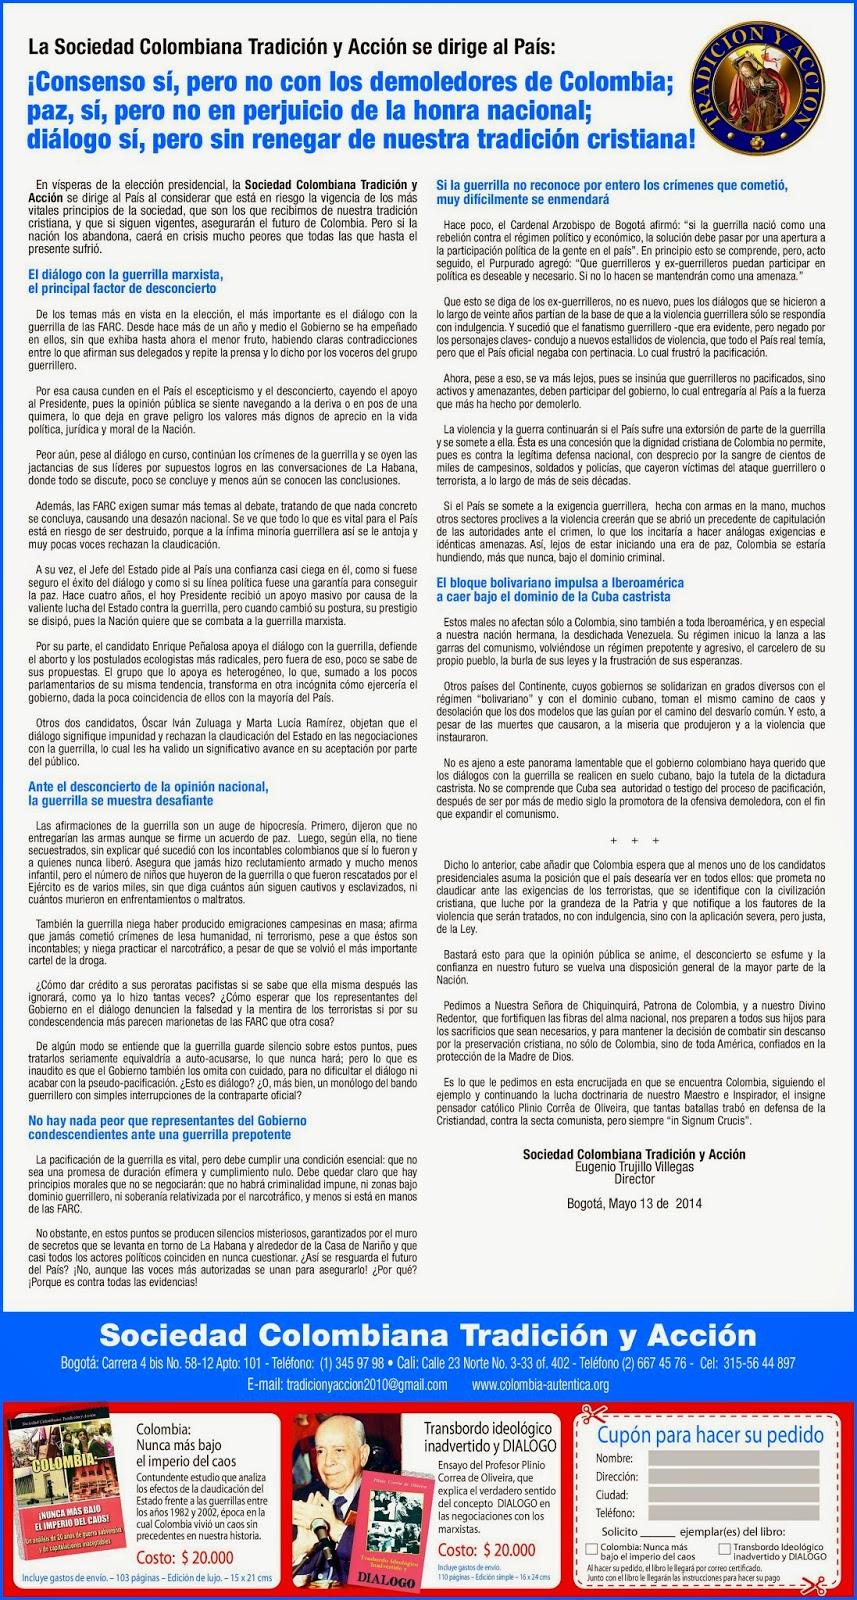 """Manifesto de """"Tradición y Acción"""" publicado no """"El Tiempo"""" em 21 de maio"""